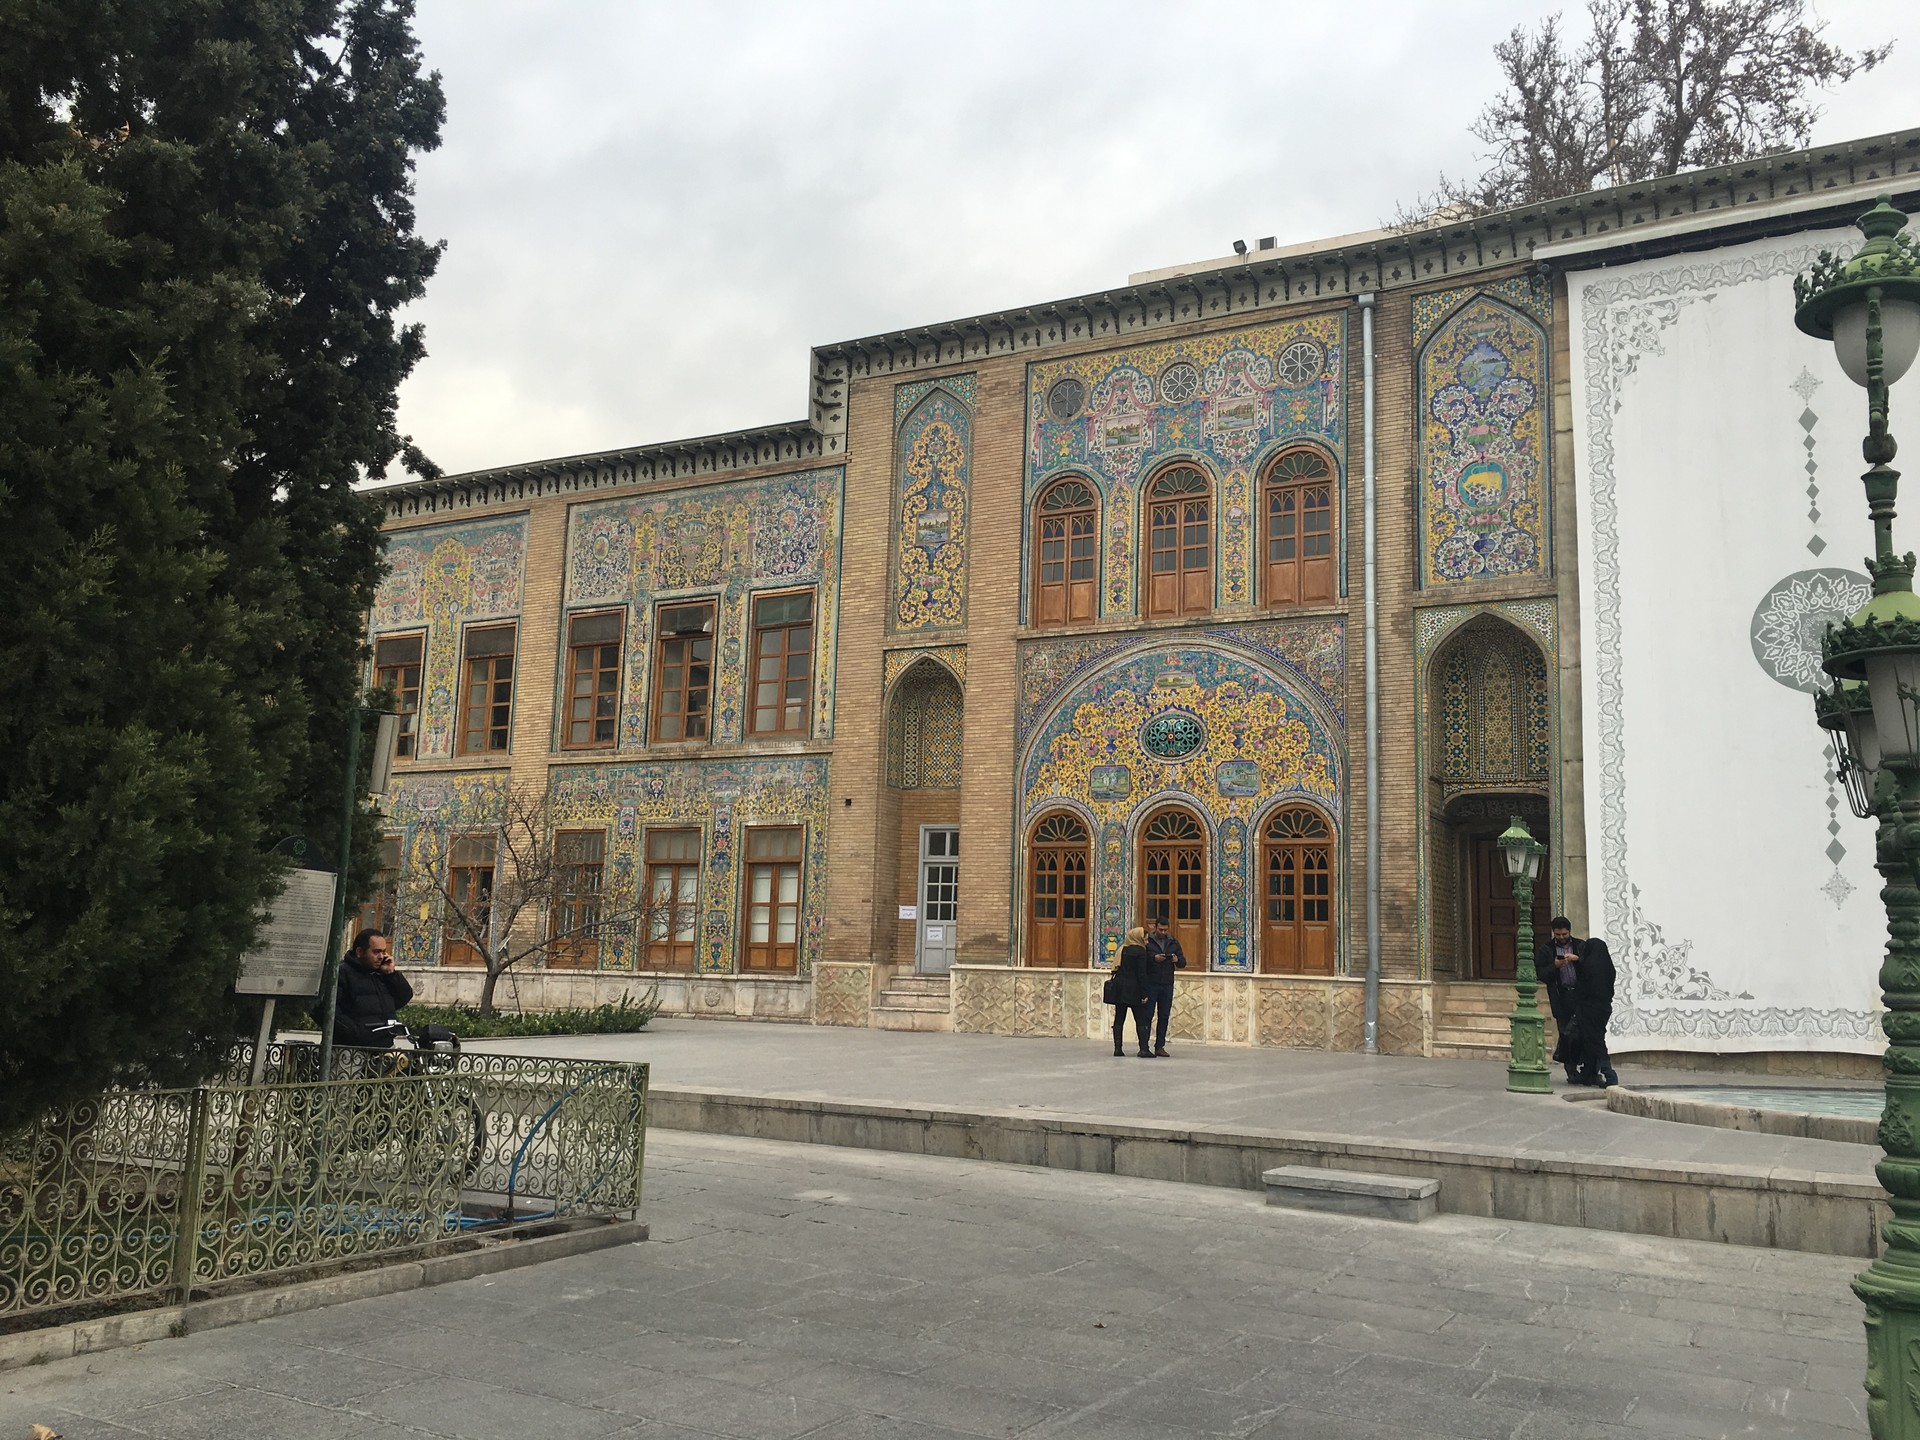 golestan-palace-complex-pt-1-a65447ab7a4